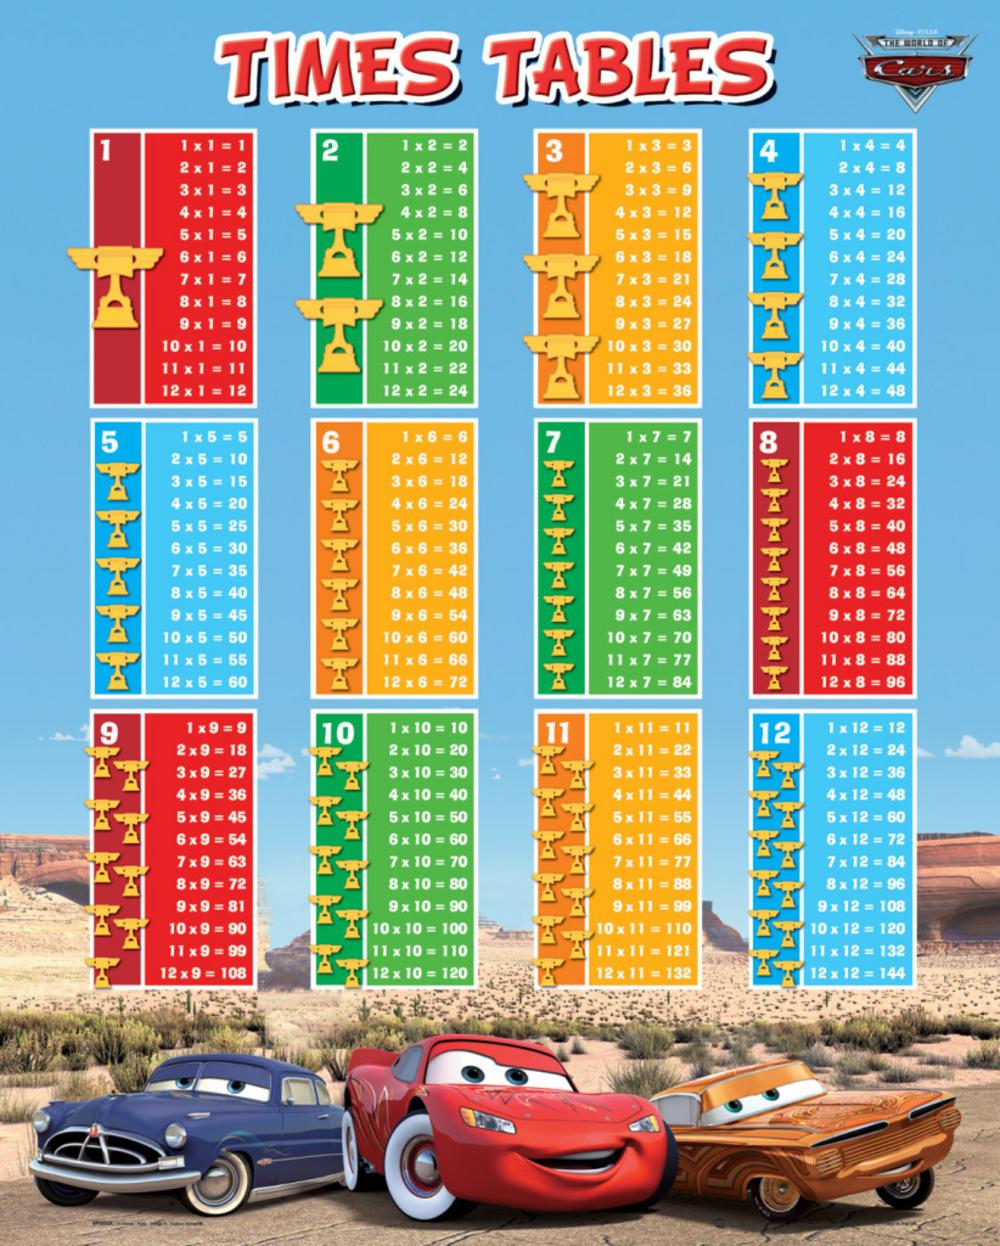 Mini Poster - Disney Cars Times Table (40 x 50cm) 0774 - MP1114 Mini ...